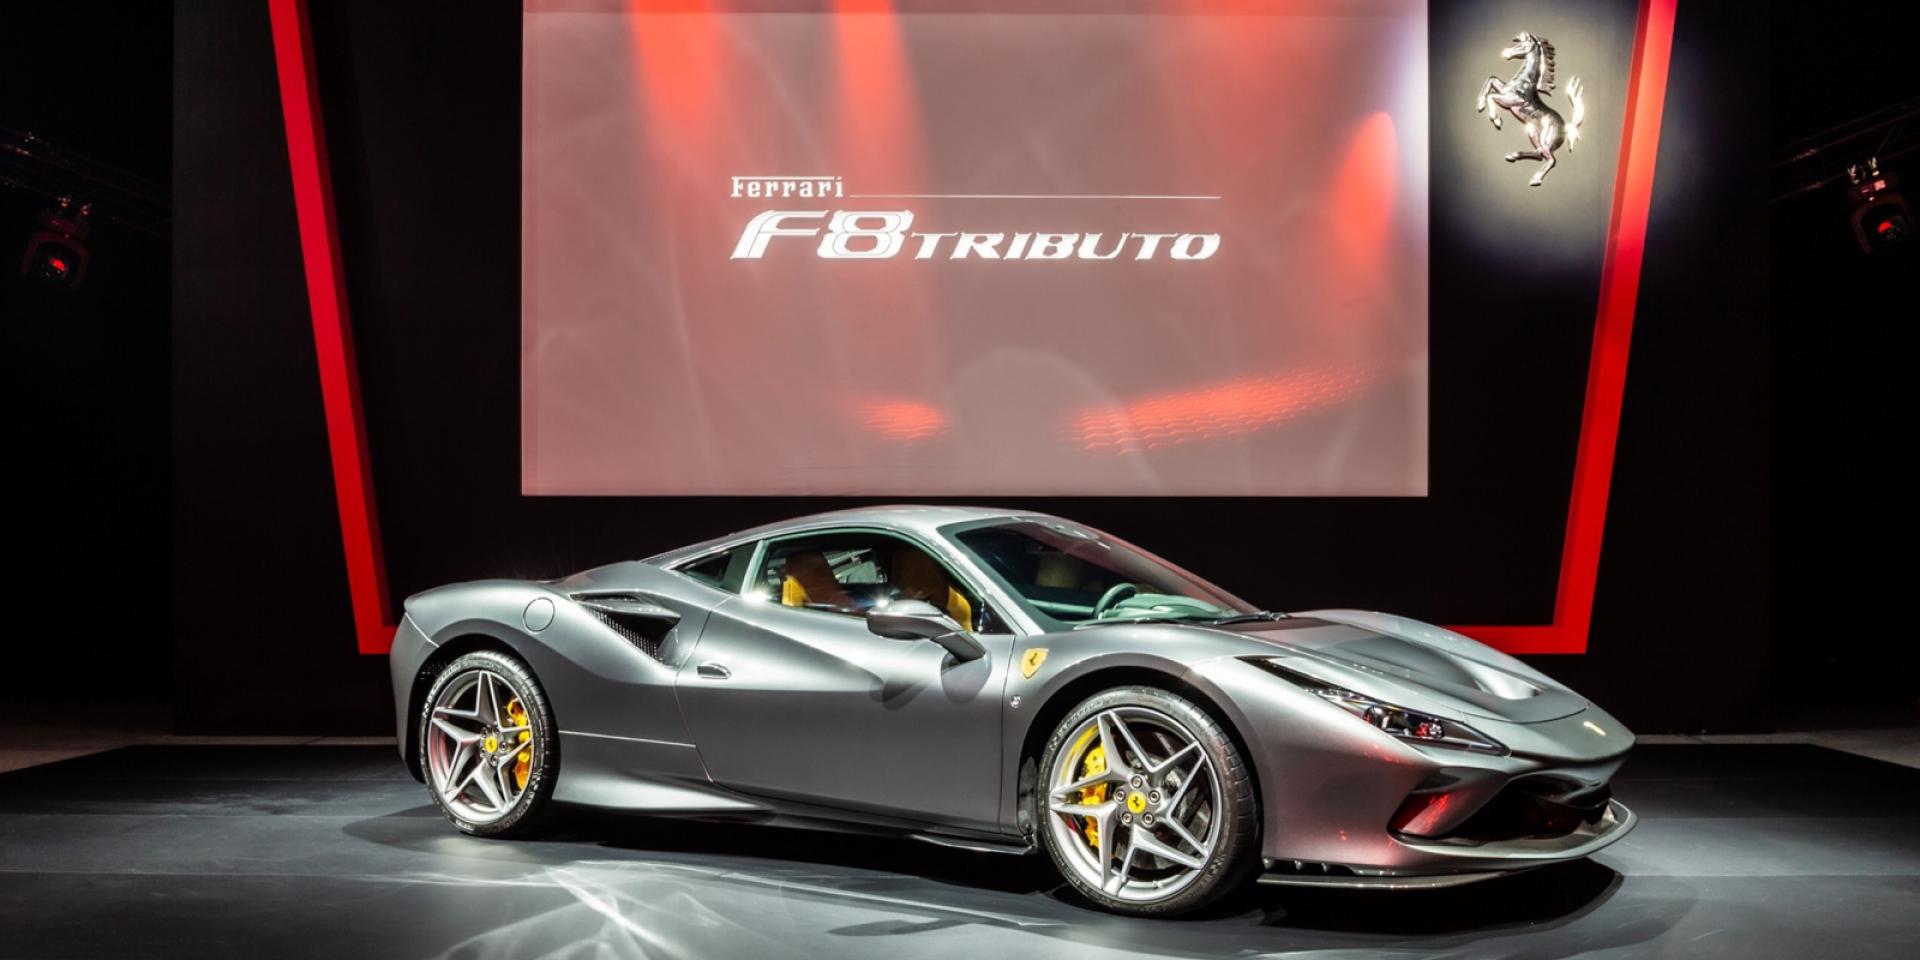 官方新聞稿。躍馬品牌V8運動型跑車巔峰大作 Ferrari F8 Tributo 正式登台